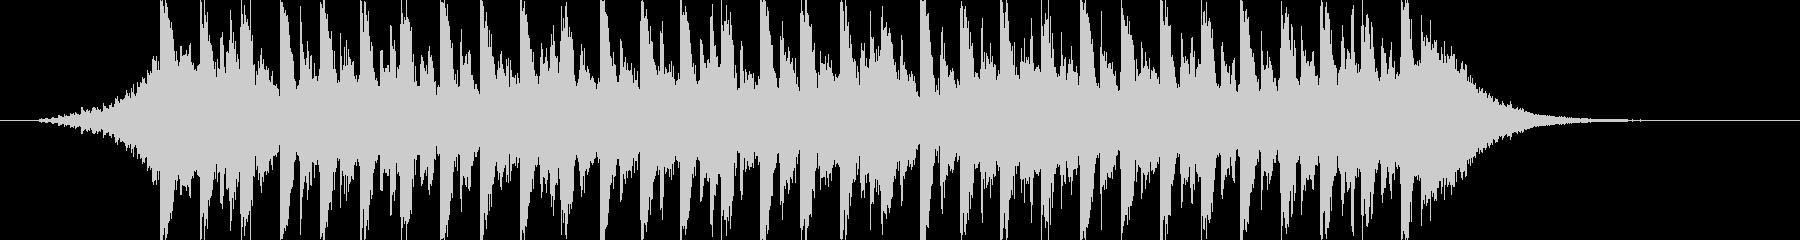 映像に、落ち着いたFuturePop1cの未再生の波形